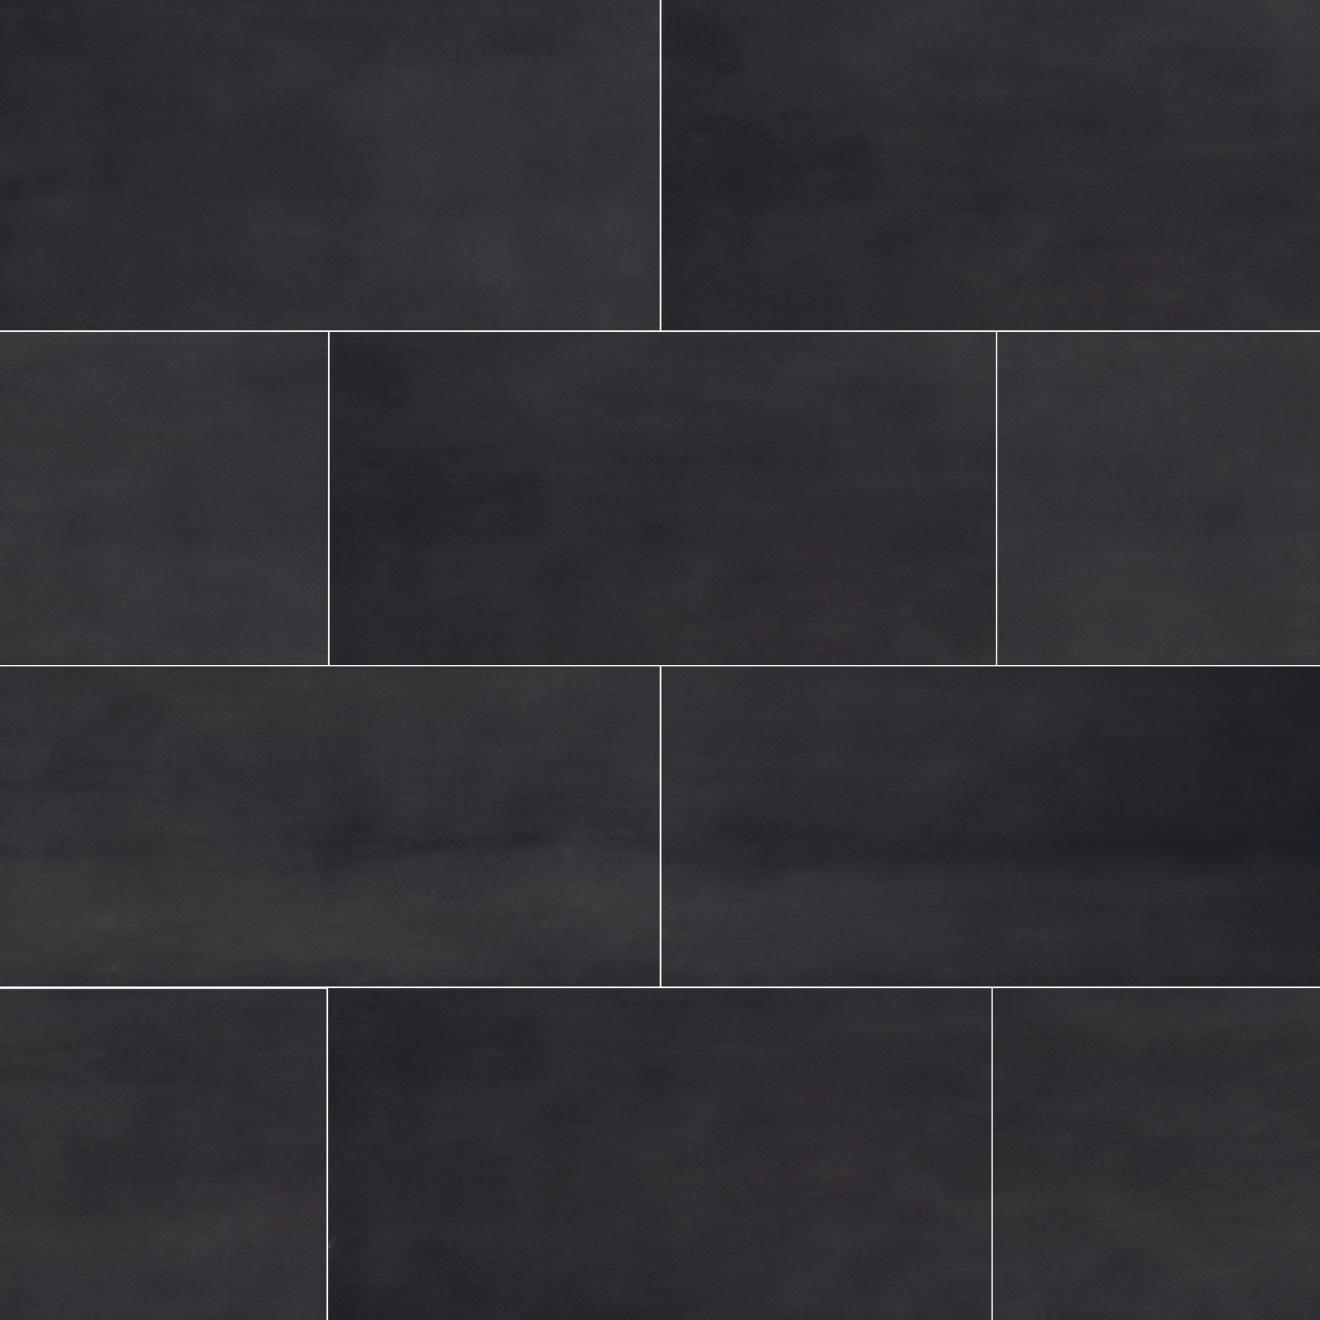 Plane 15 X 30 Floor Wall Tile In Black Bedrosians Tile Stone